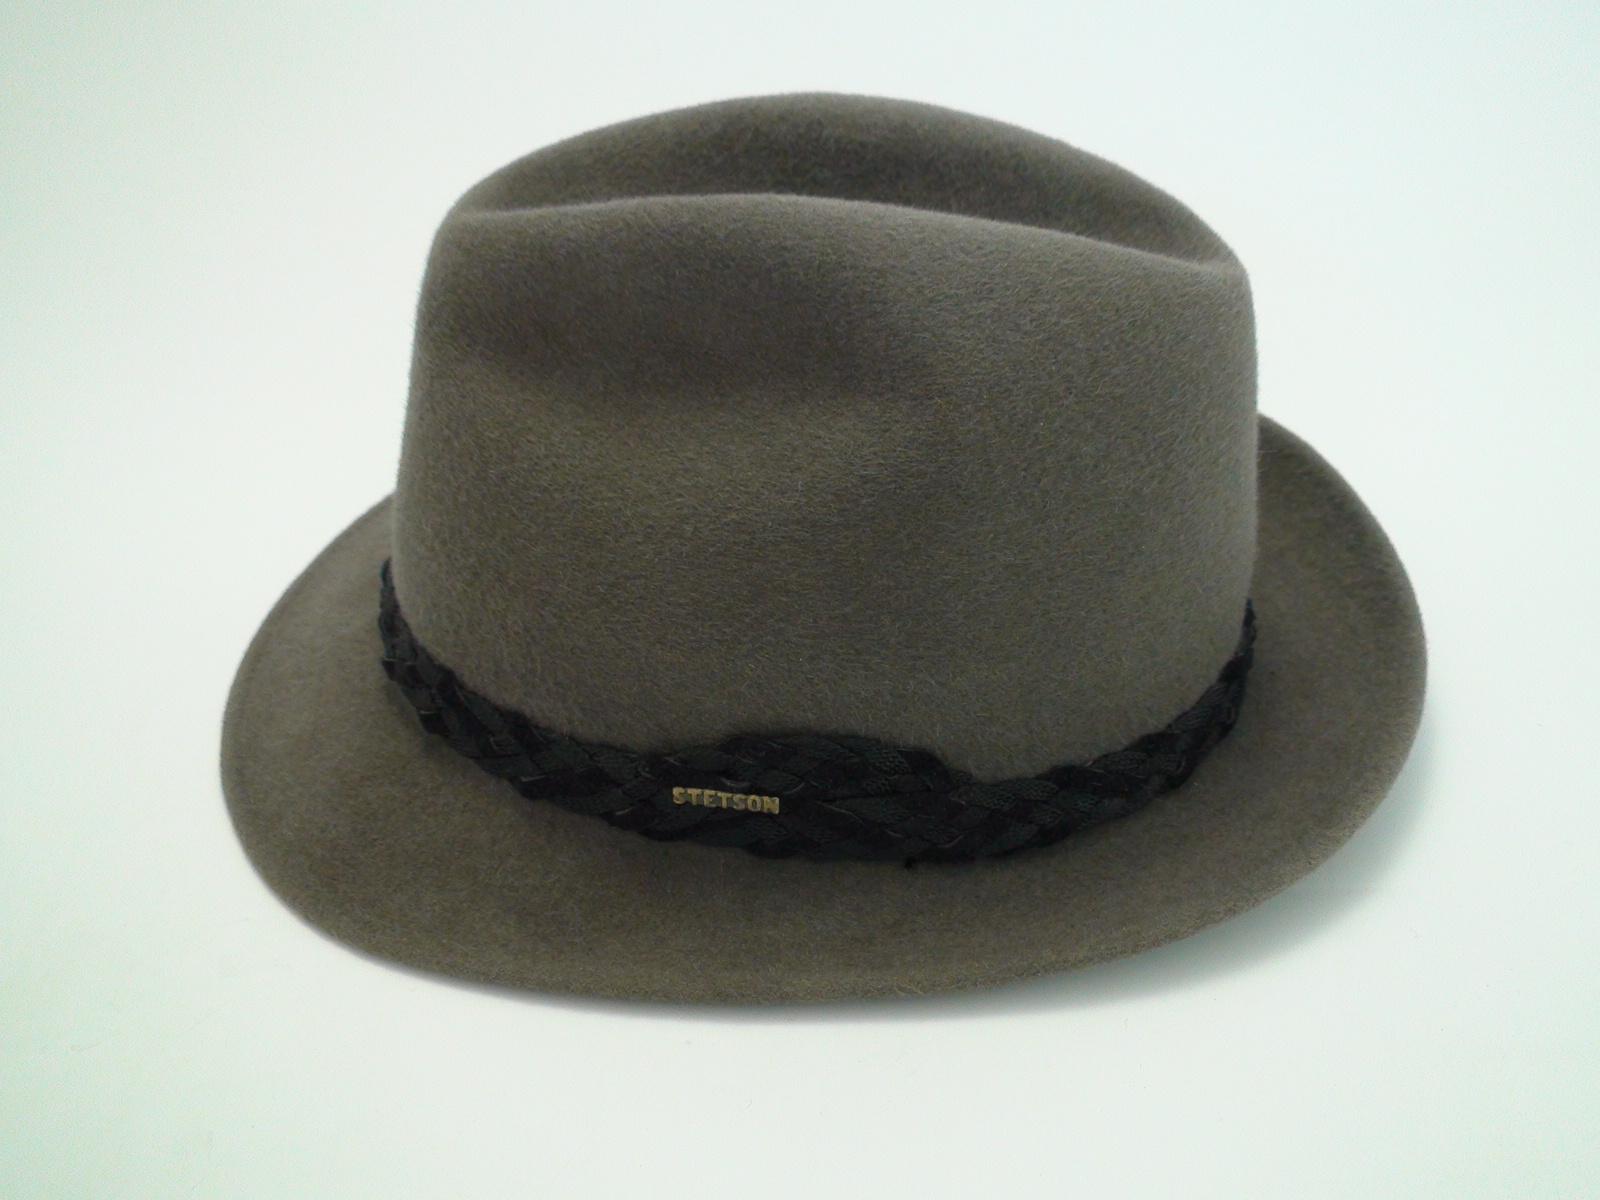 2929c9f5764f41 Vintage Stetson Royal De Luxe Grey Fur Felt Fedora Hat Size 7 3/8″